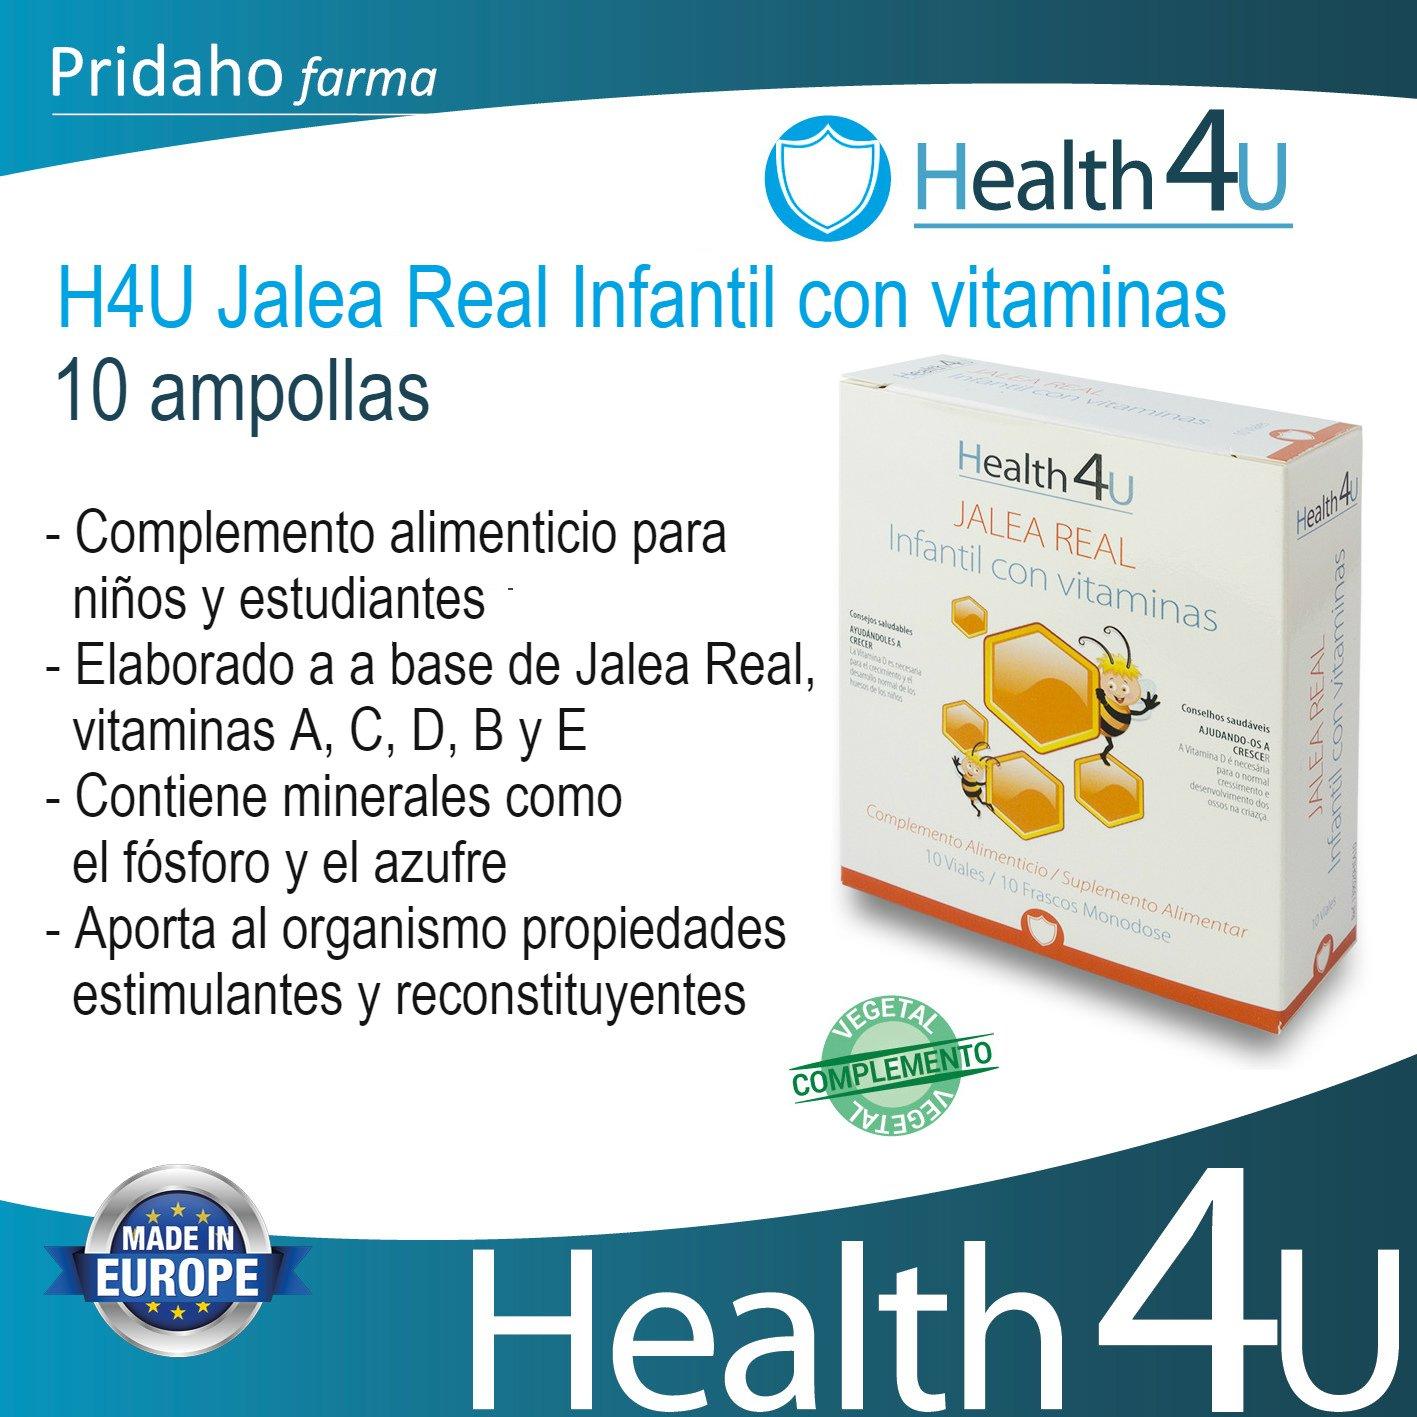 H4U Jalea Real Infantil Con Vitaminas 10 viales: Amazon.es: Belleza